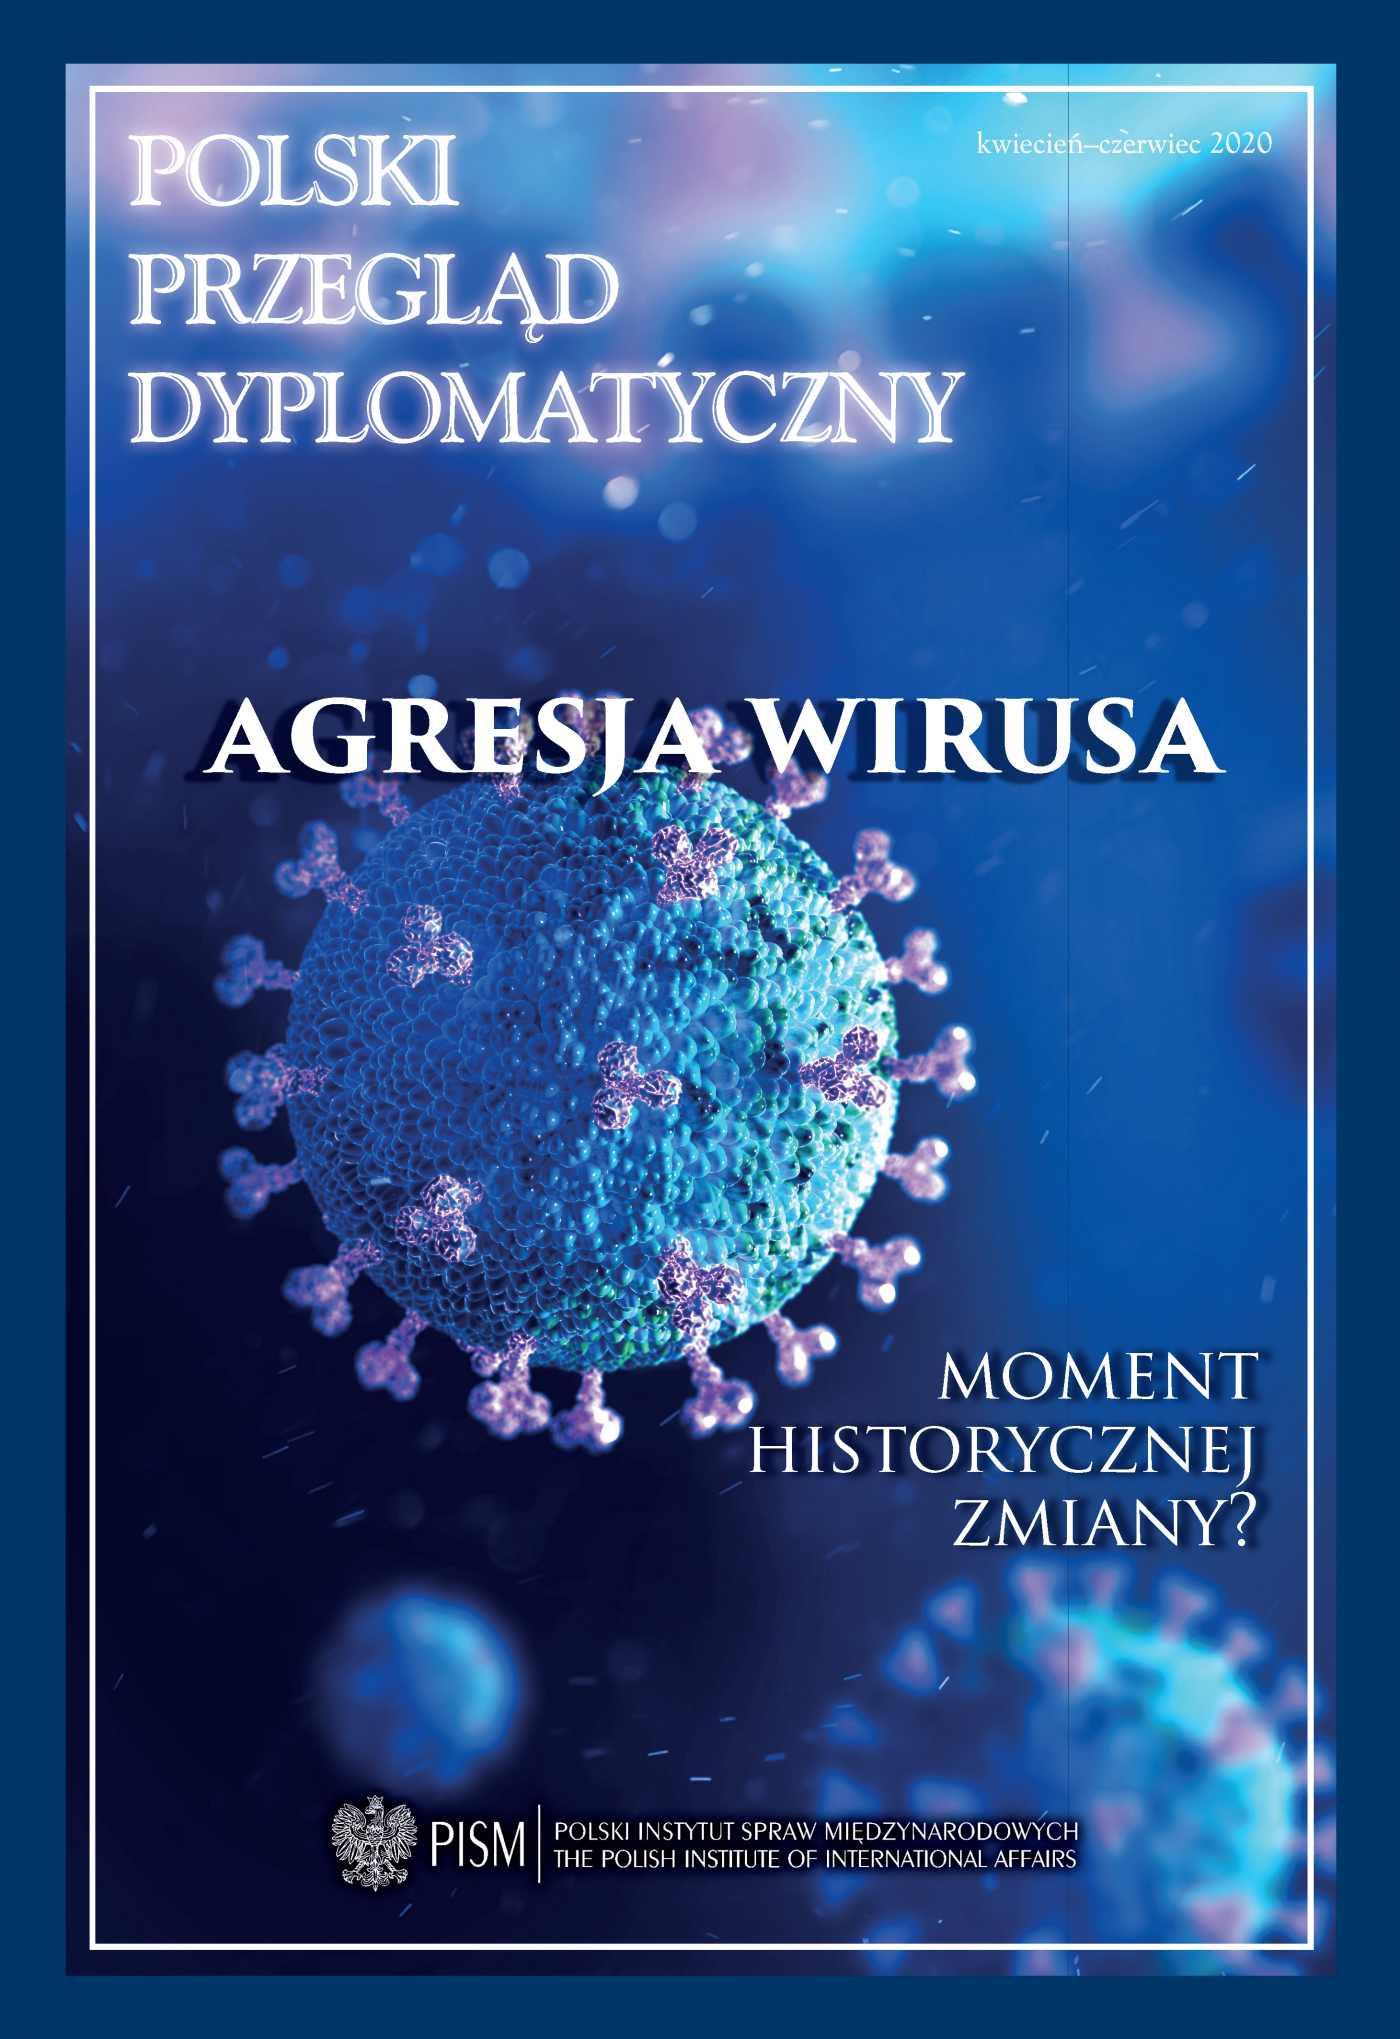 Polski Przegląd Dyplomatyczny, nr 2 / 2020 - Ebook (Książka PDF) do pobrania w formacie PDF